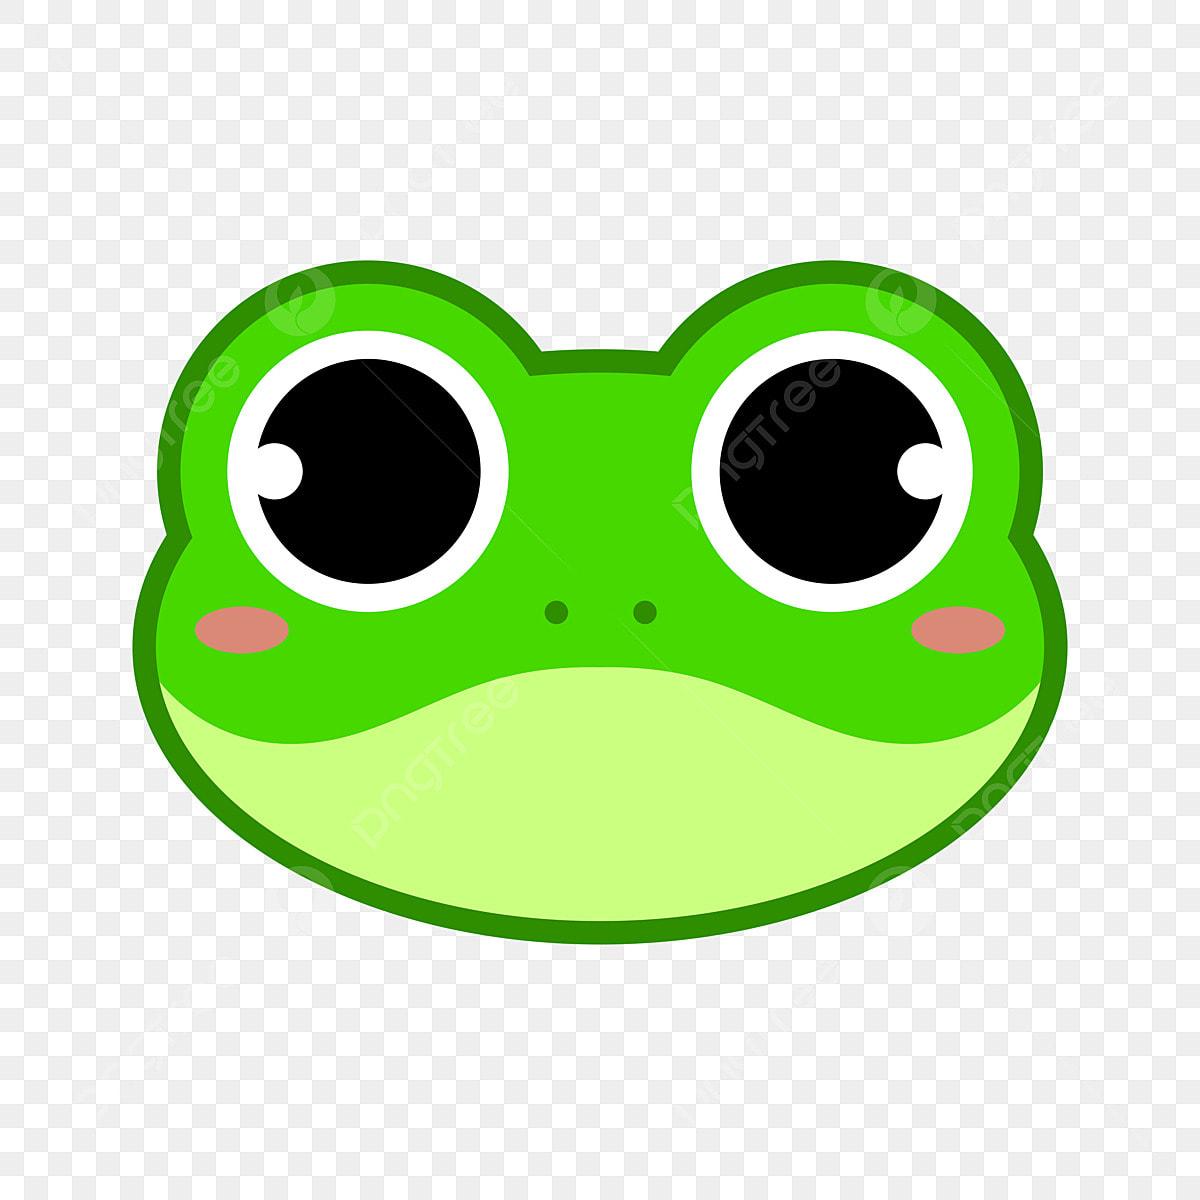 Gambar Kepala Katak Kartun Cikimmcom